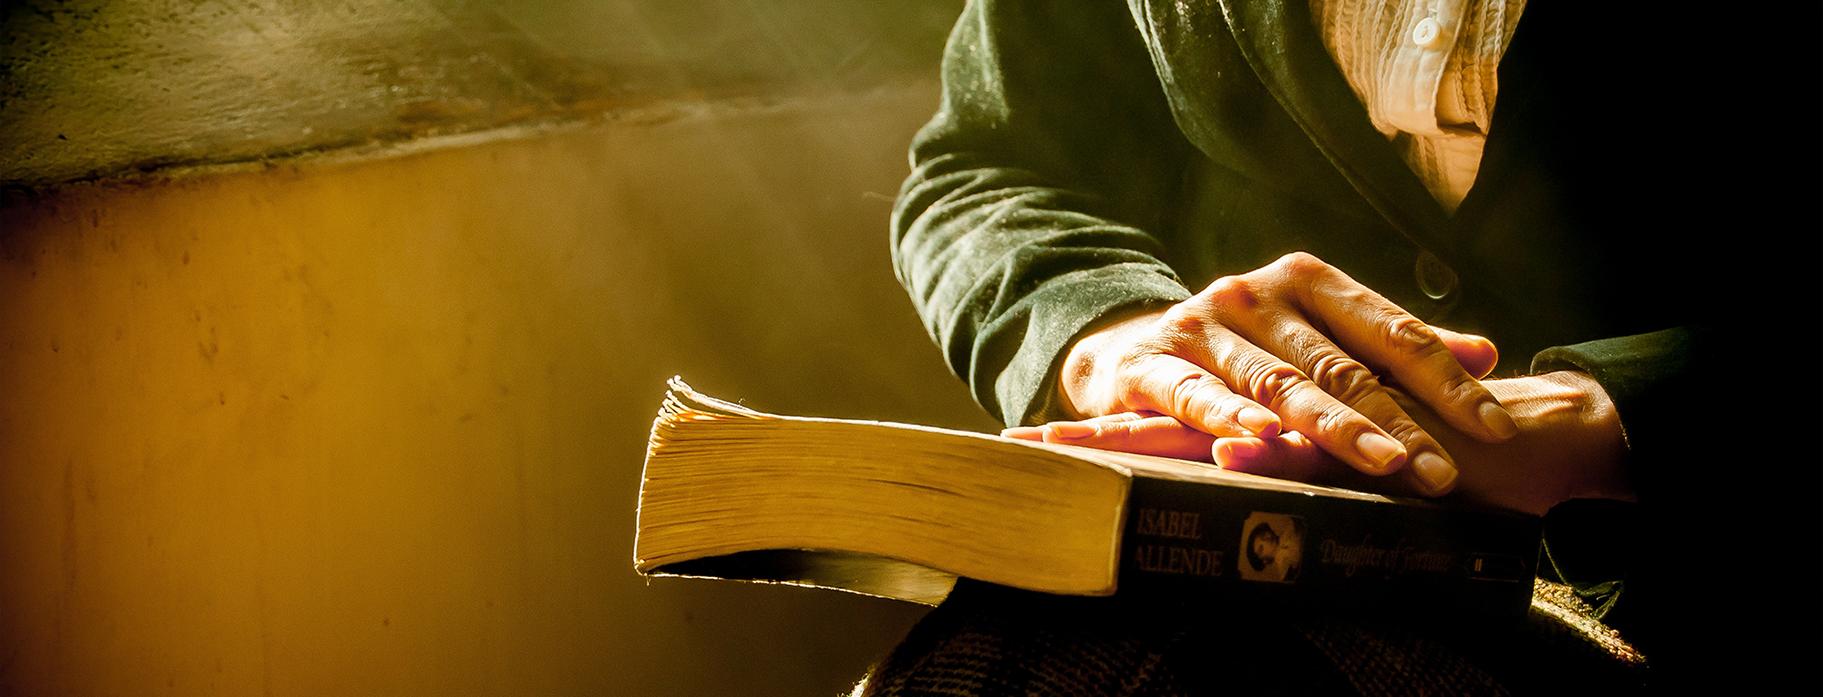 Мемуары: человеческие истории